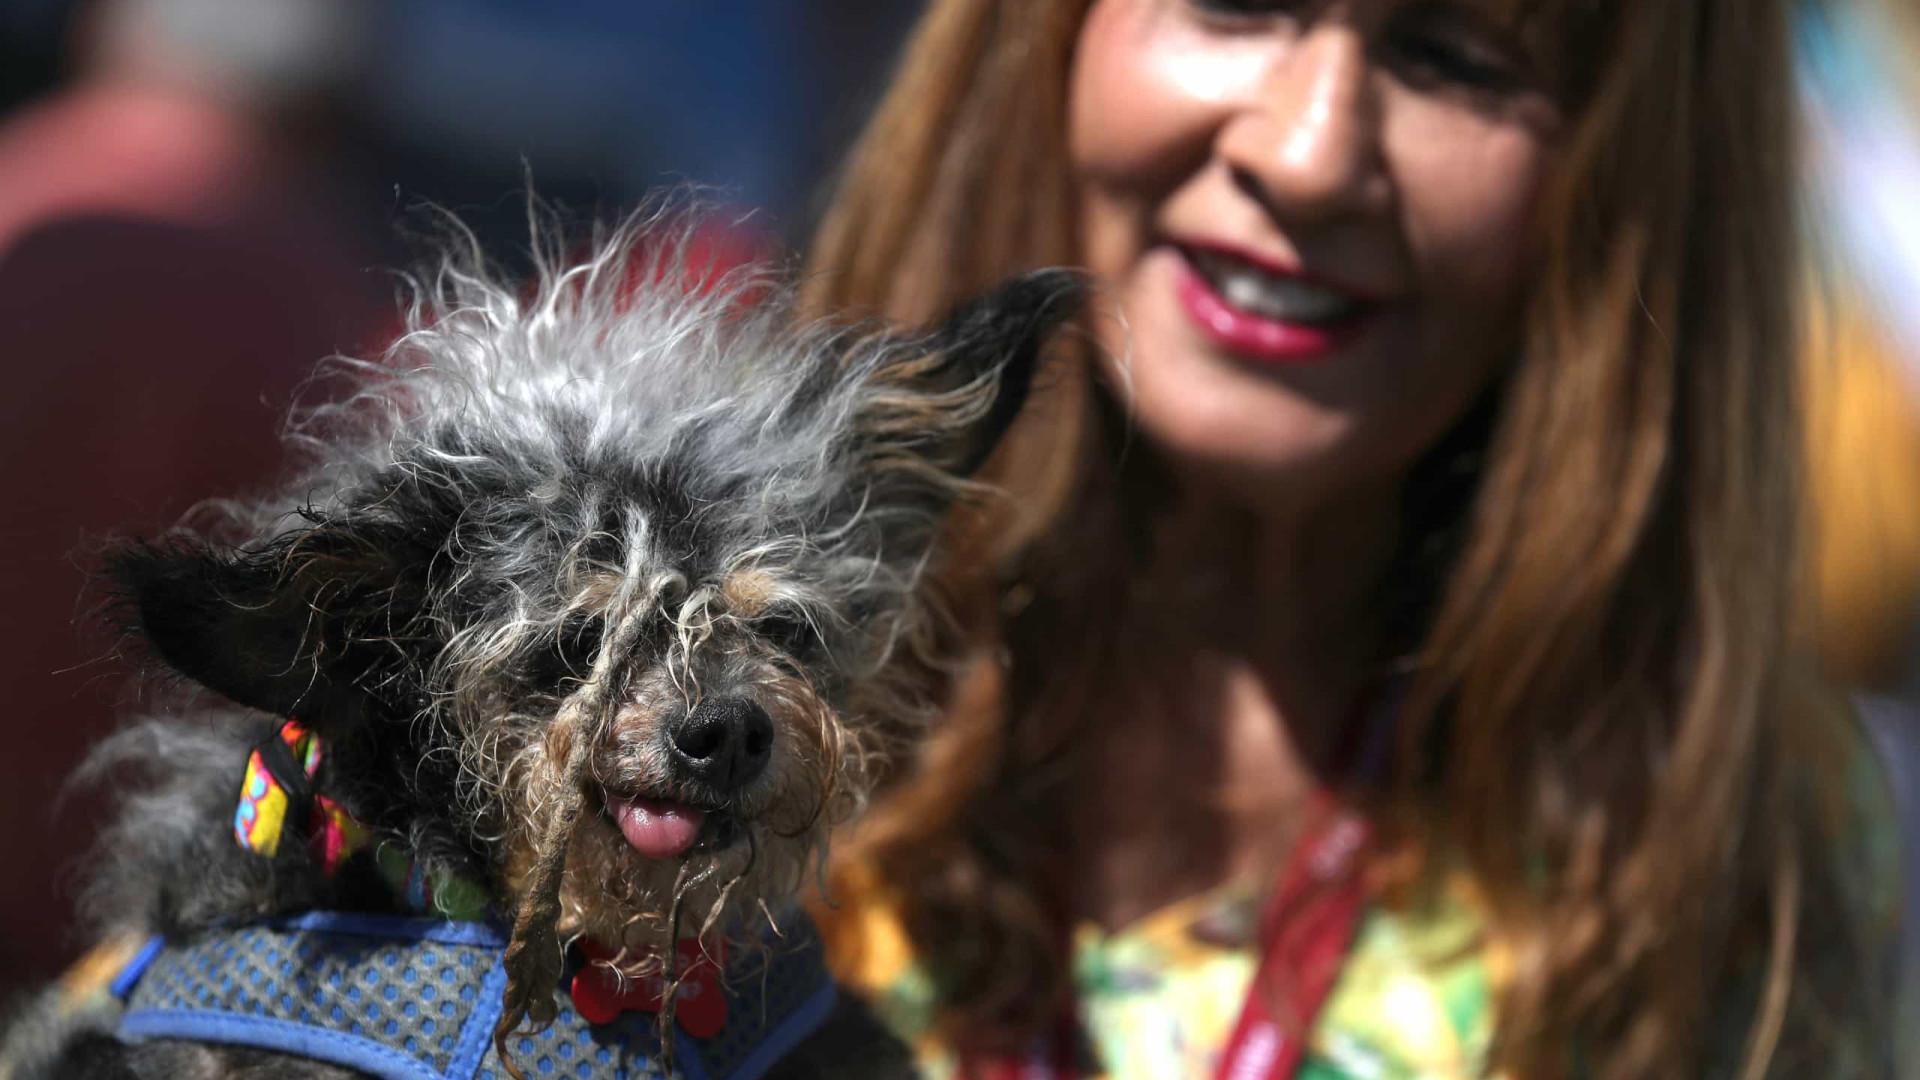 Está escolhido o cão mais feio do mundo. Chama-se Scamp the Tramp